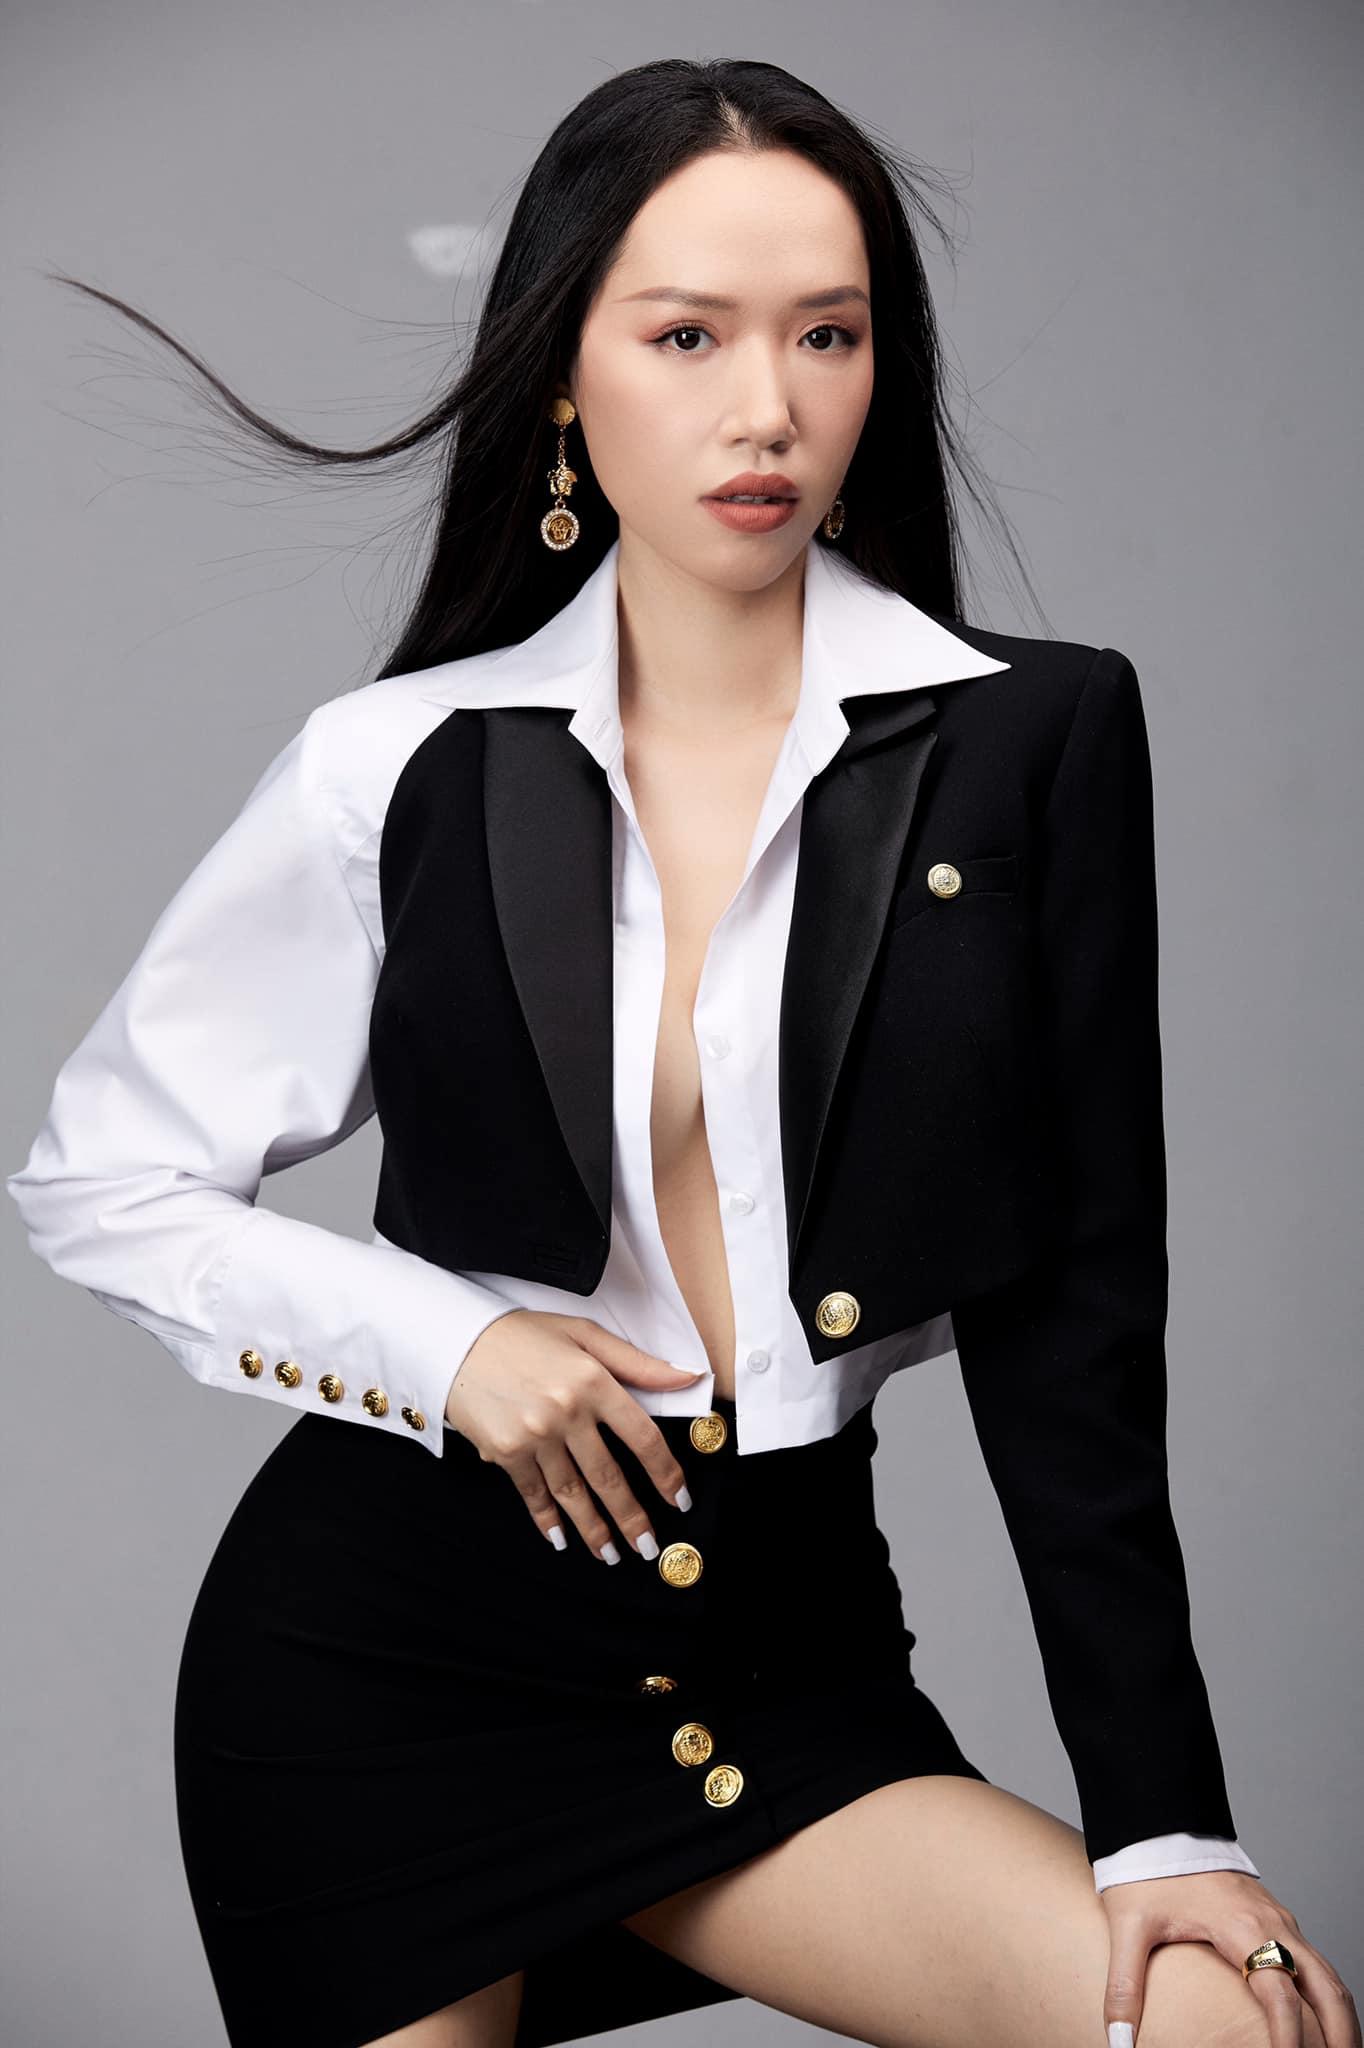 Áo yếm thiên nga lộ nửa người của nhà thiết kế có body gợi cảm nhất làng mốt Việt - 7